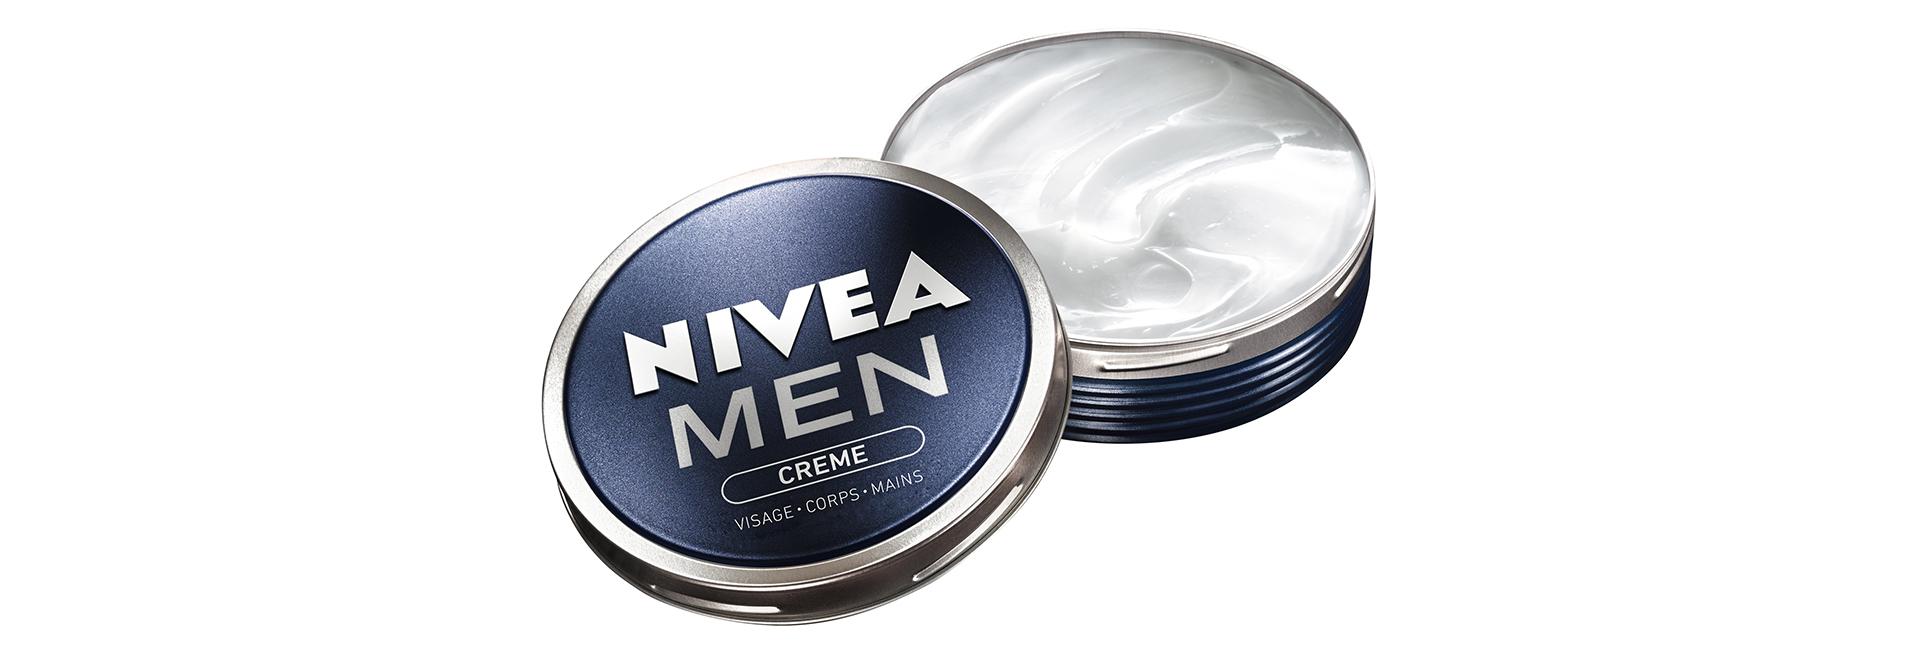 nivea-men-creme-visage-corps-mains-blog-beaute-soin-parfum-homme